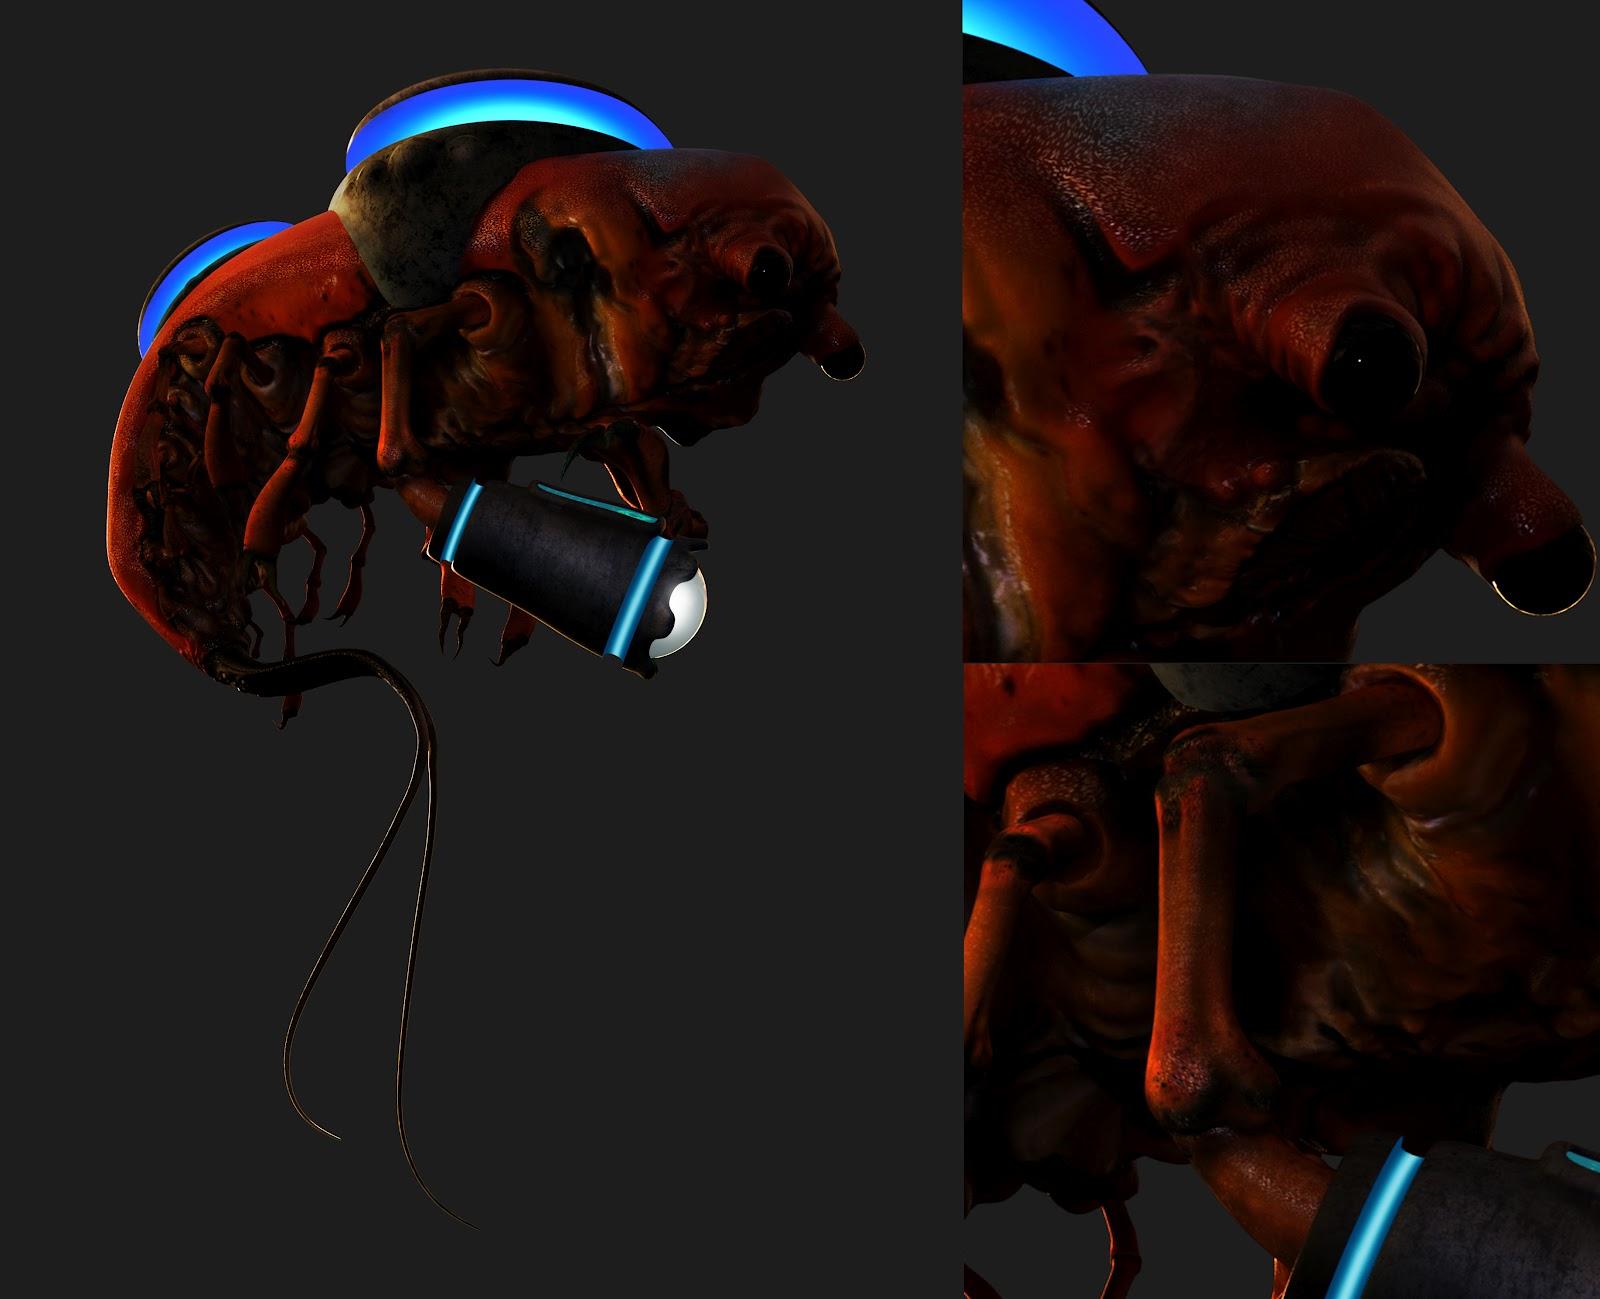 alieno2.jpg